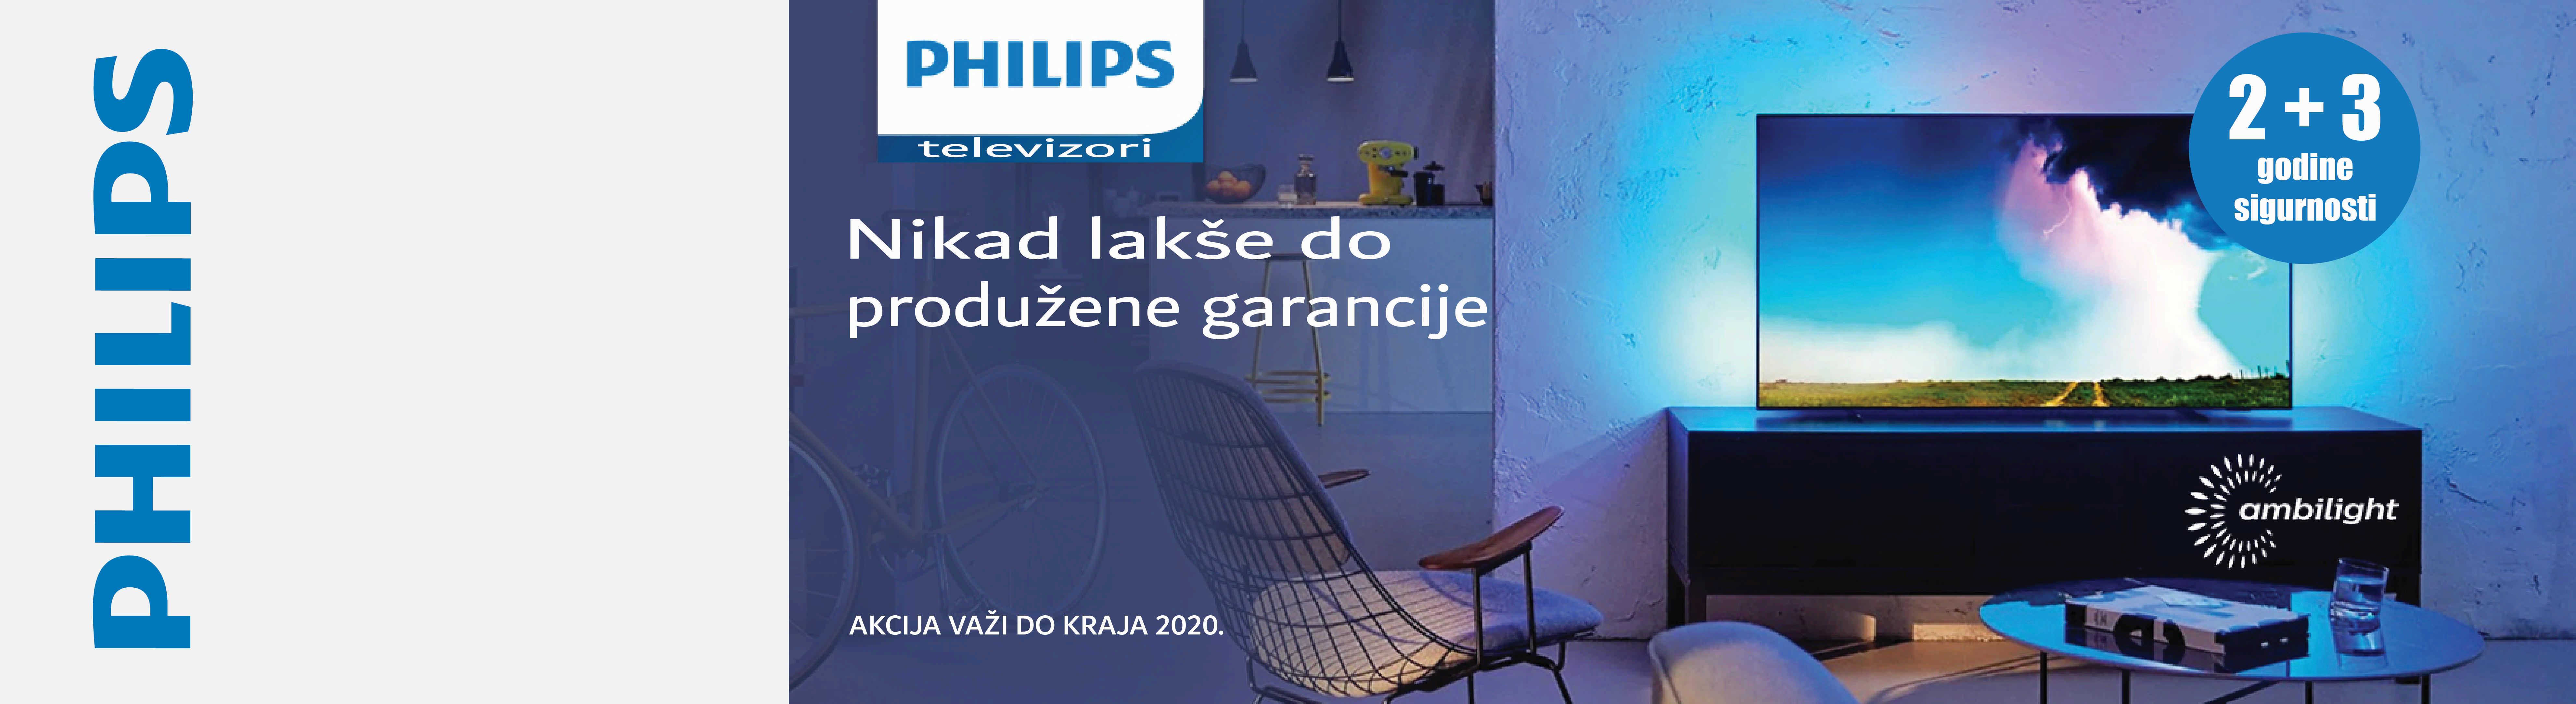 Philips 2+3 godine garancije